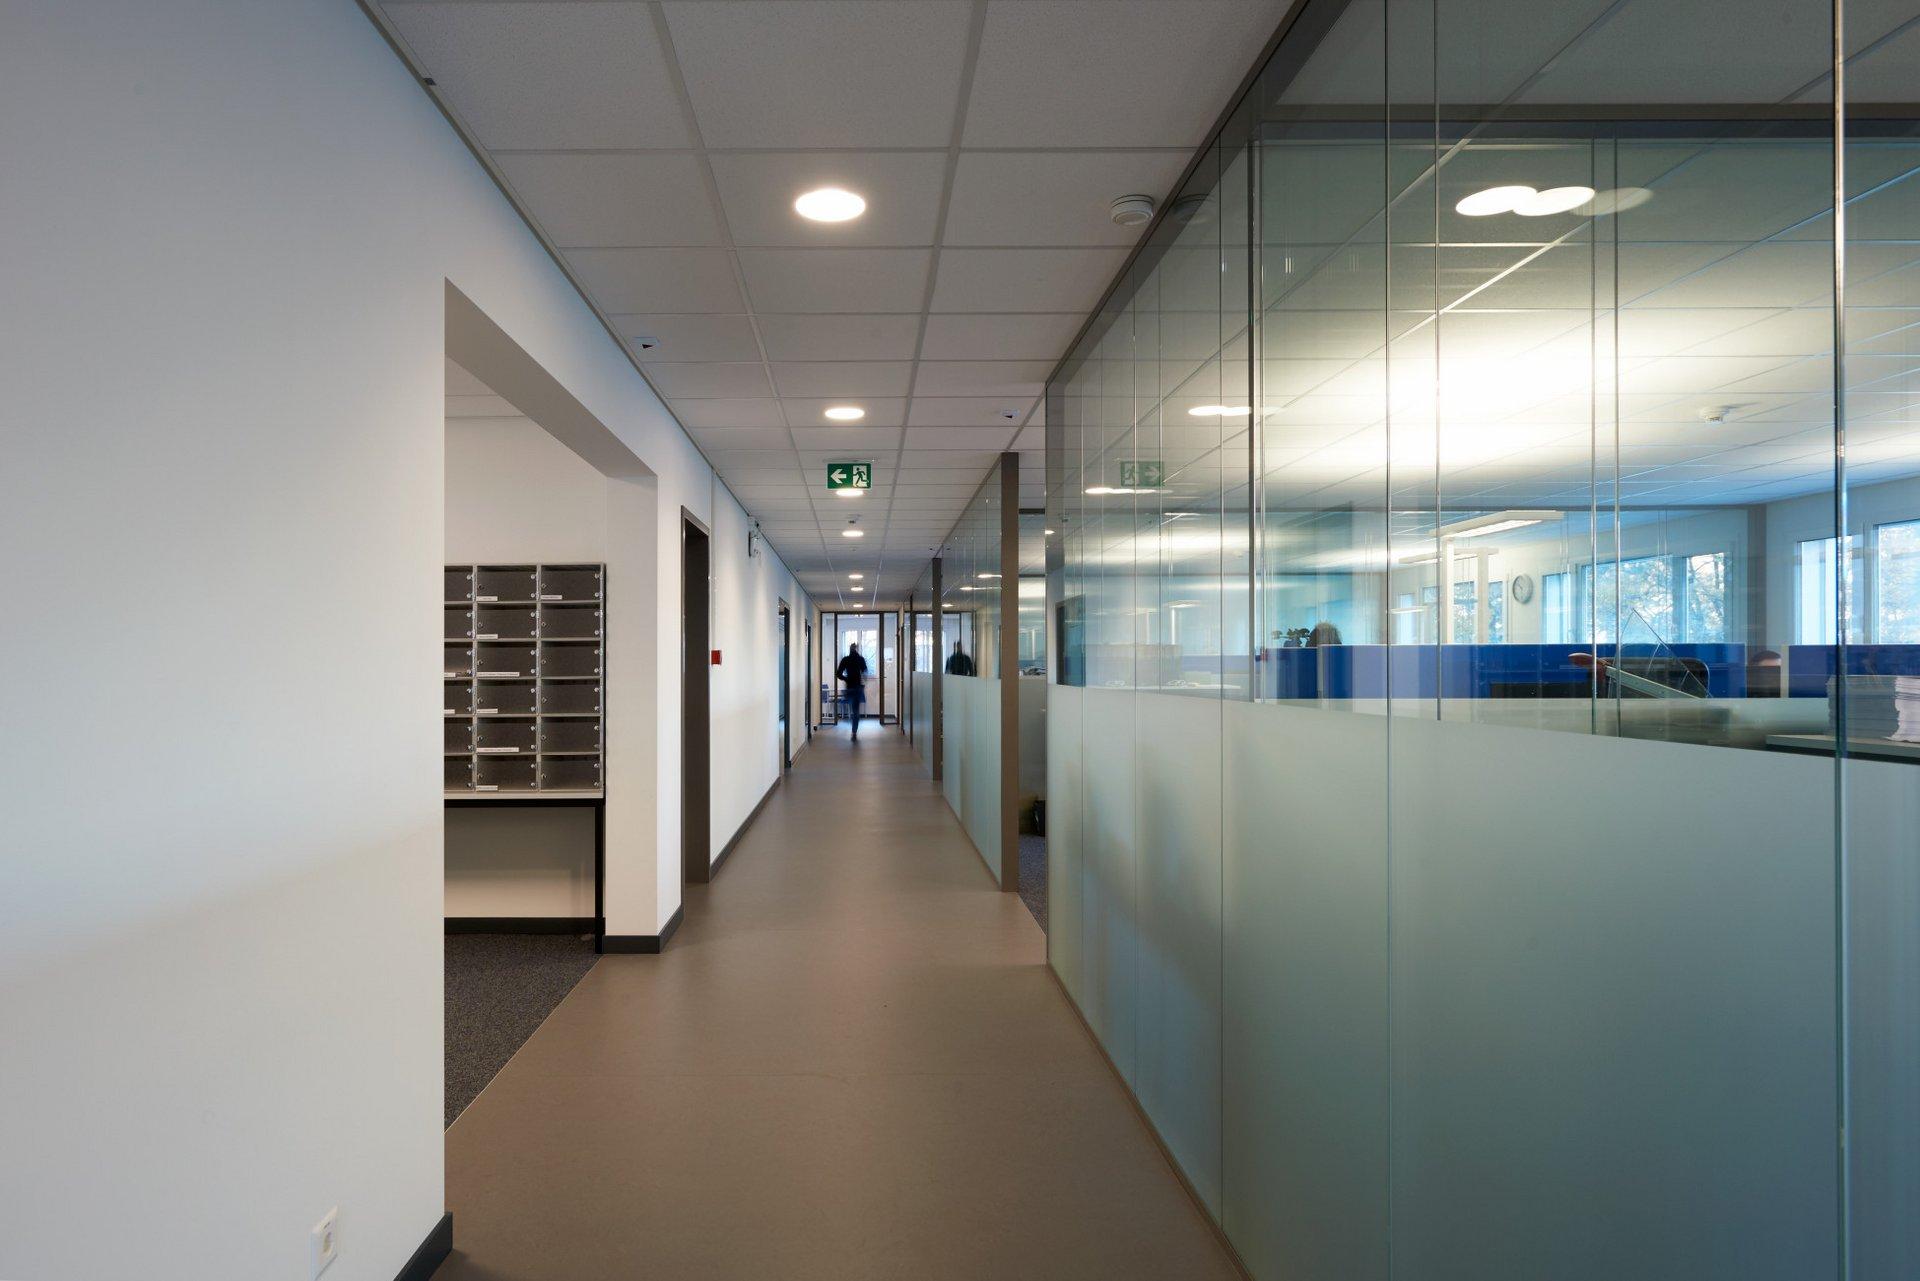 Blick auf den Flur welche rechts über viele Büros mit gläsernen Trennwänden verfügt und Links über den Ausgang